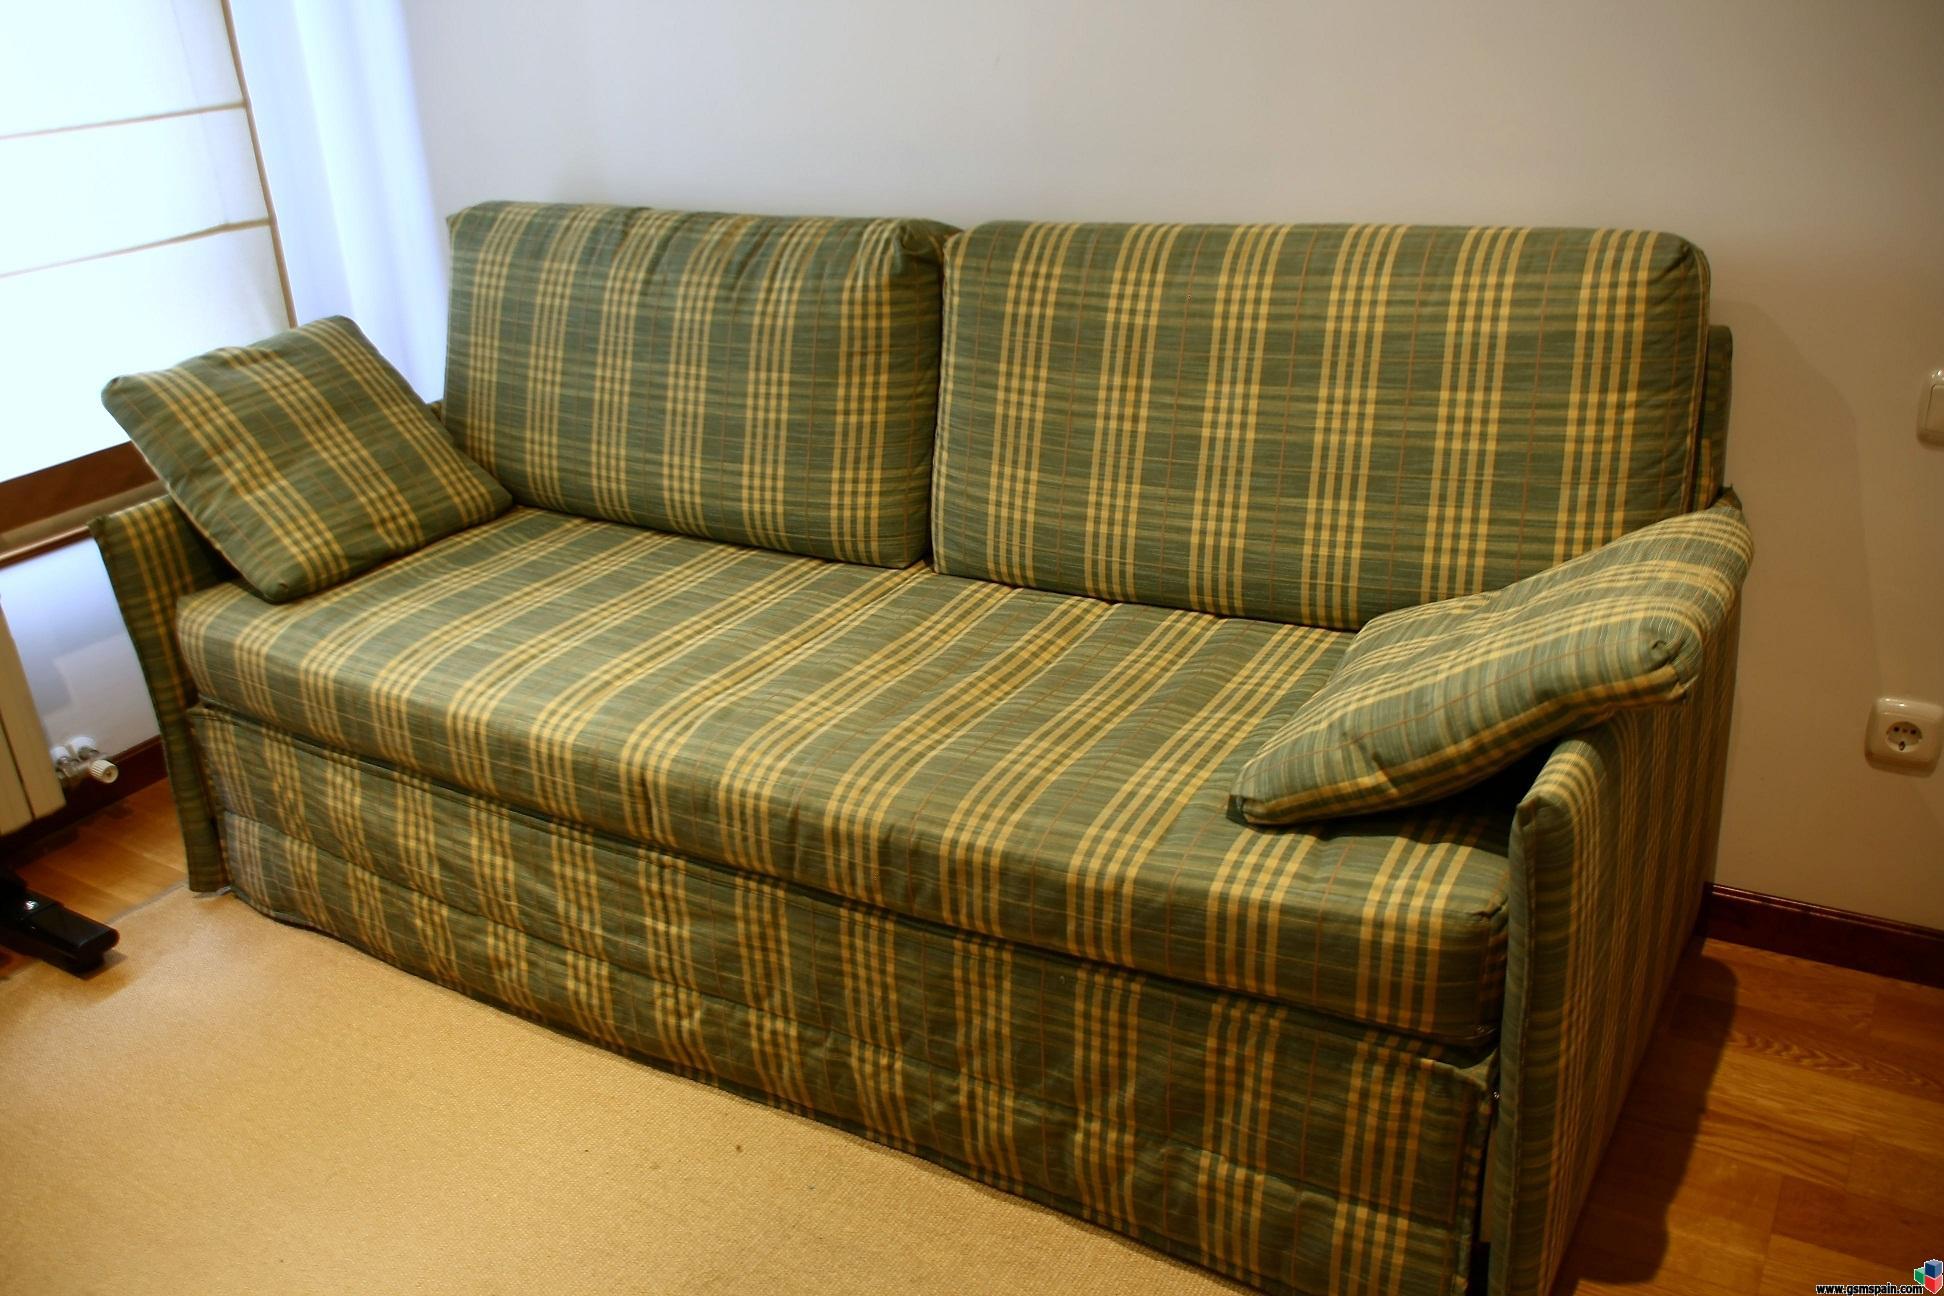 Vendo sofa 3 plazas convertible en 2 camas for Vendo sofa cama 2 plazas